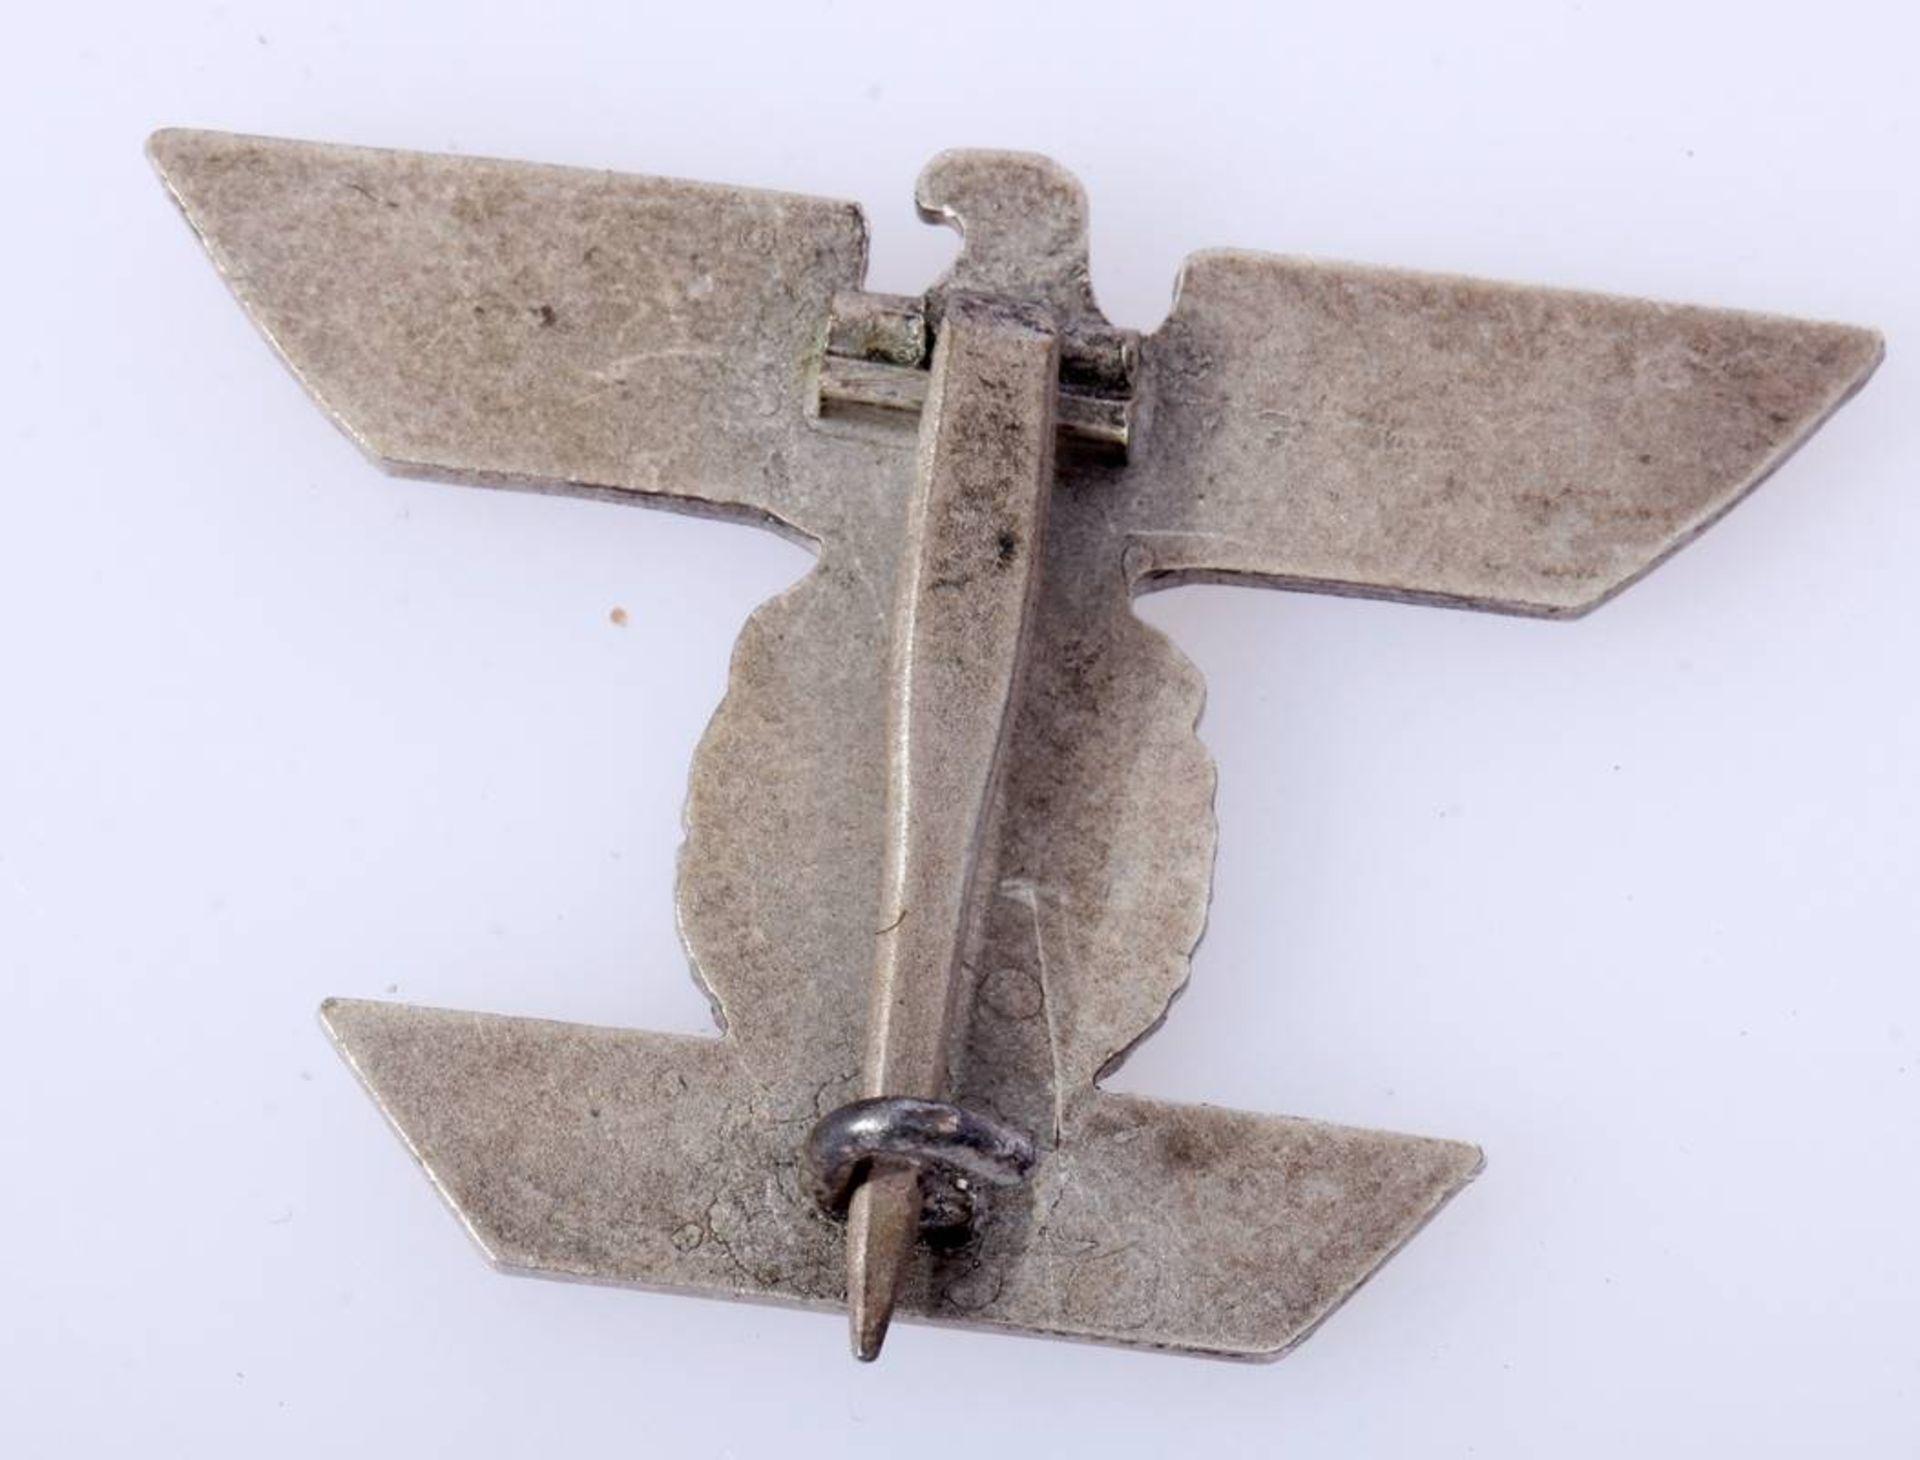 Wiederhohlungsspange EK1 1939 an NadelWiederhohlungsspange zum Eisernen Kreuz 1.Klasse 1939 an - Bild 2 aus 3